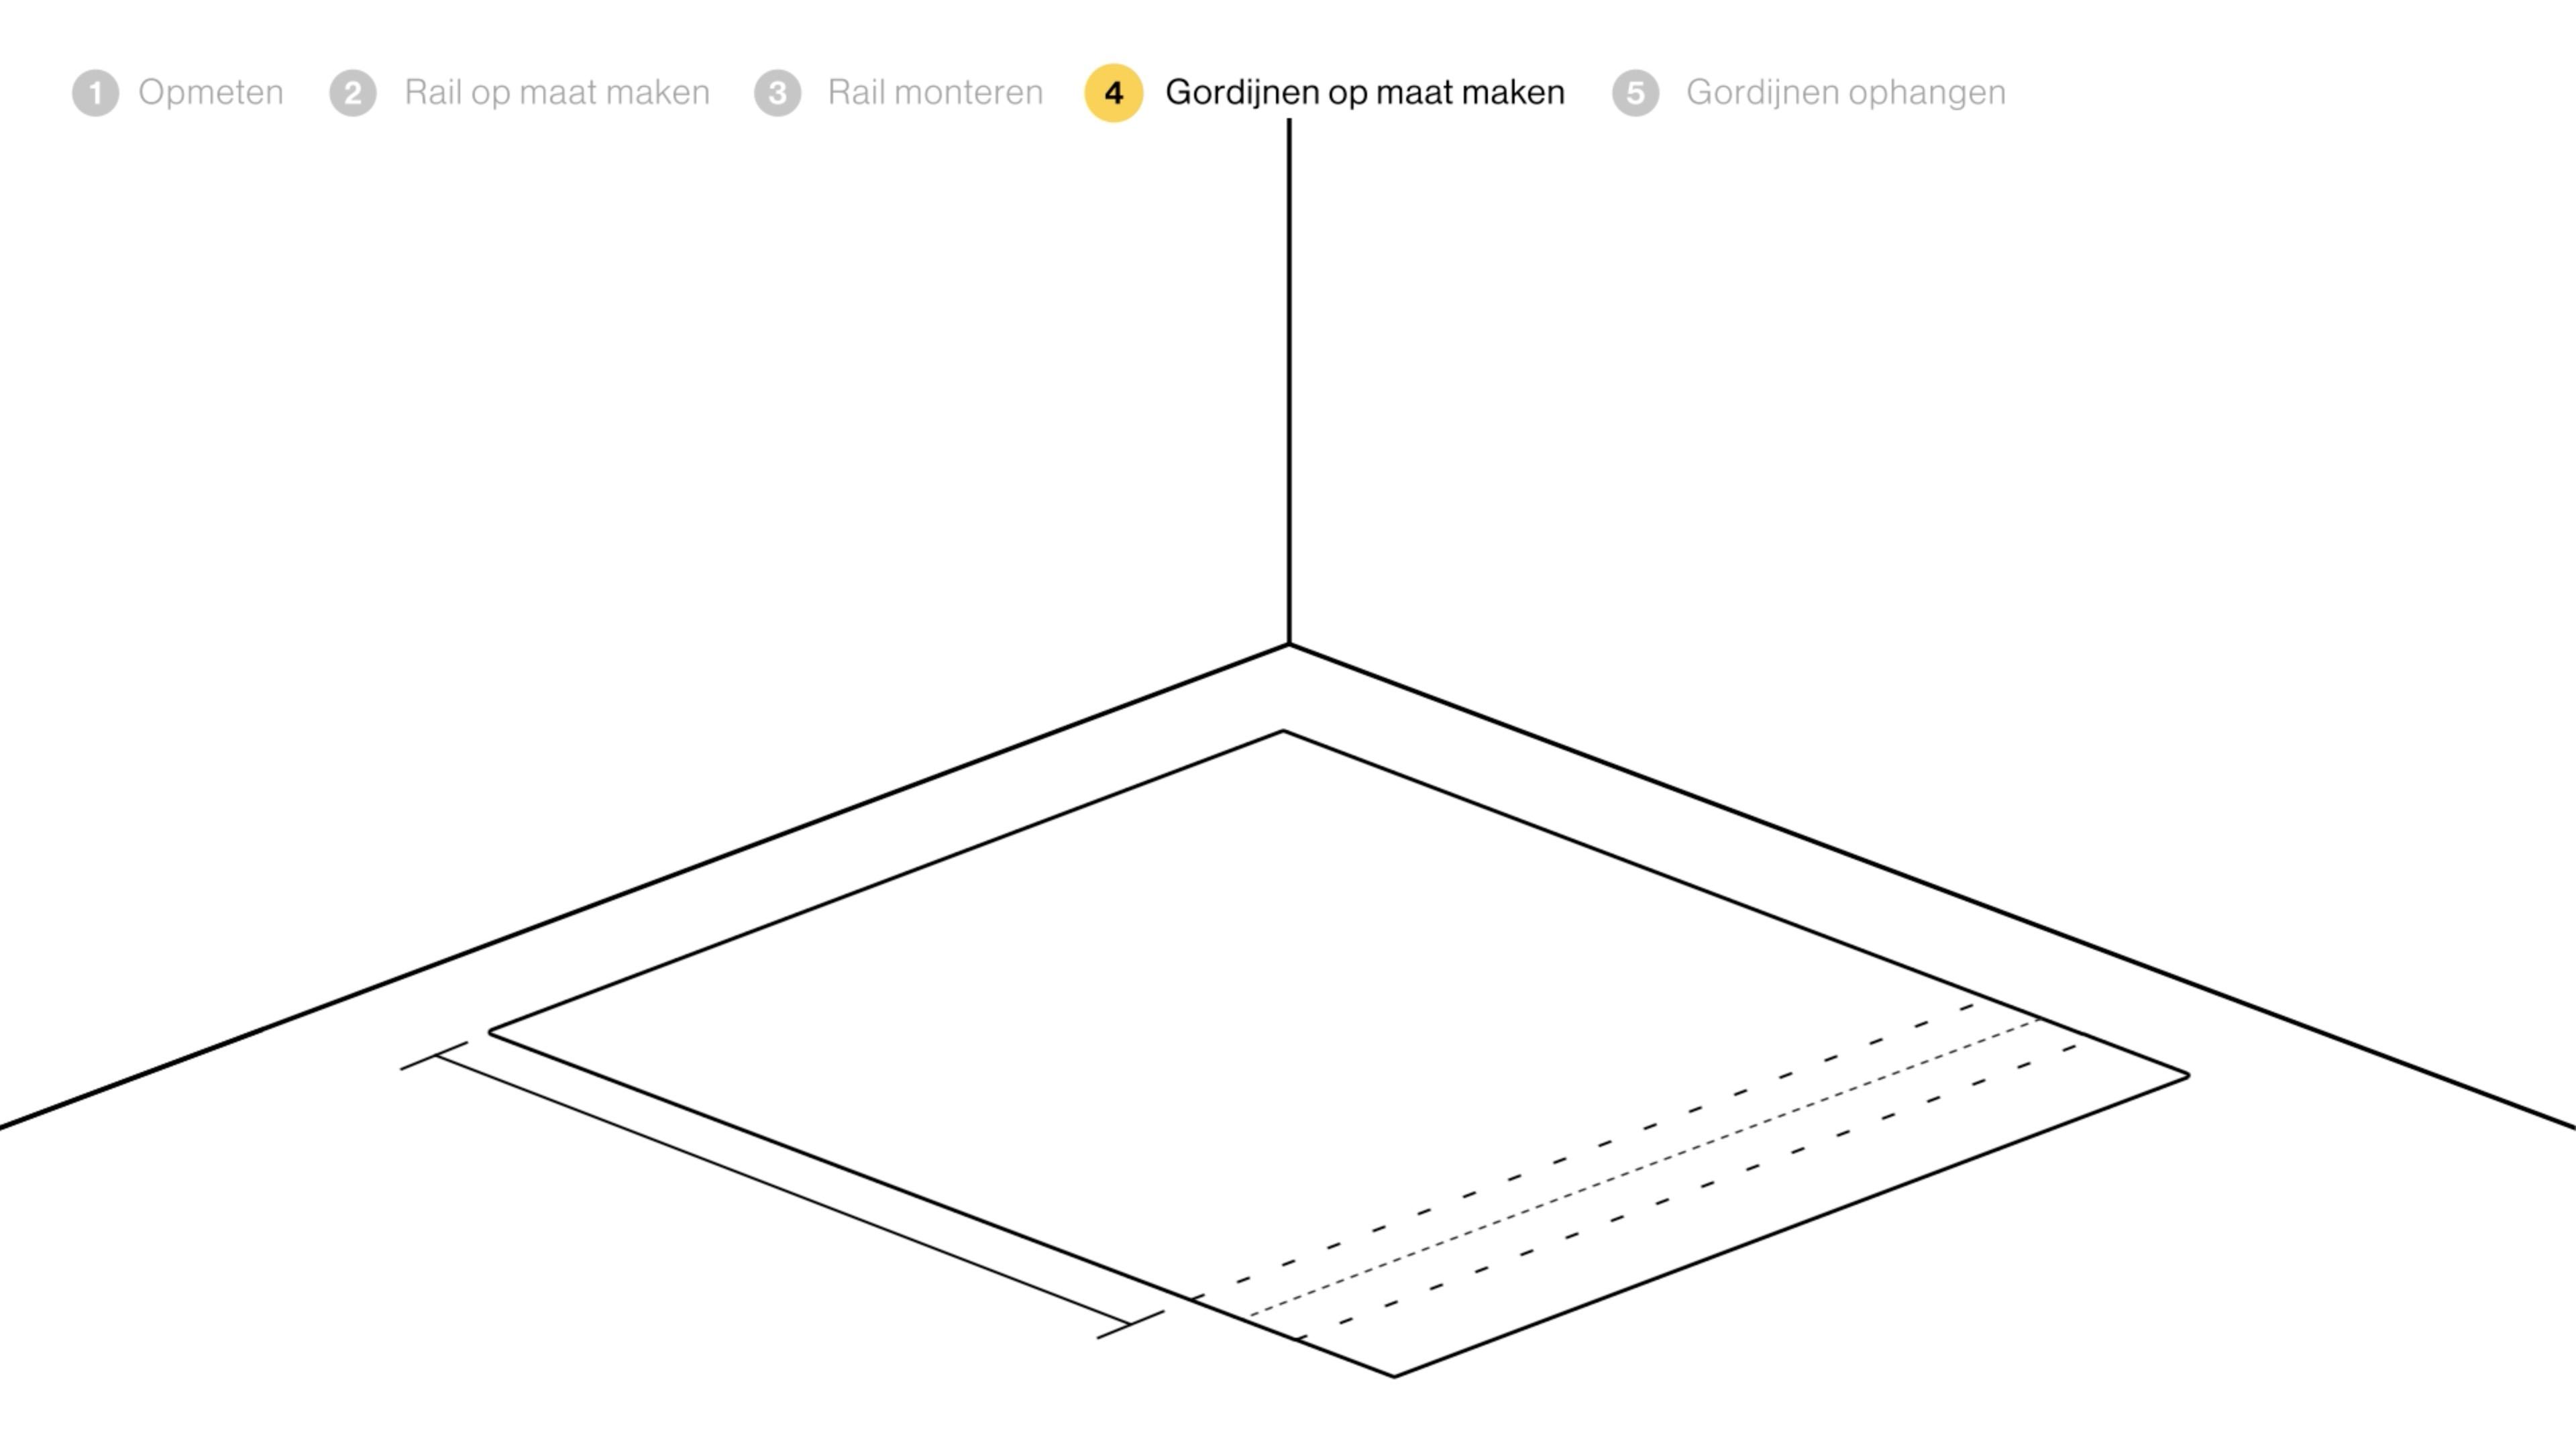 https://vdm-prd01.praxiscdn.nl/vdm/media/picture/picture/27816/gordijn-ophangen-maken-23.10.jpg